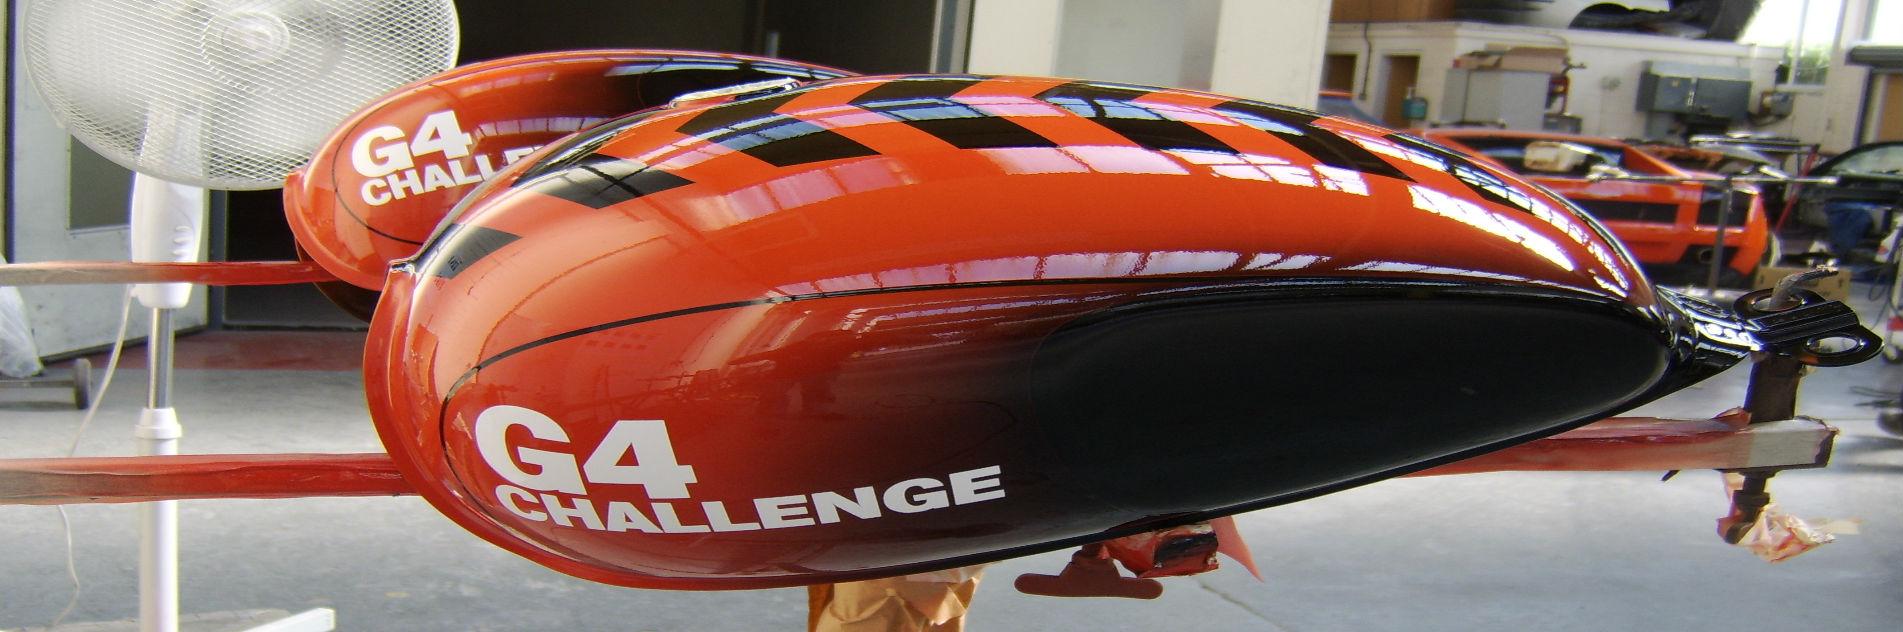 G4 Challenge (Banner)